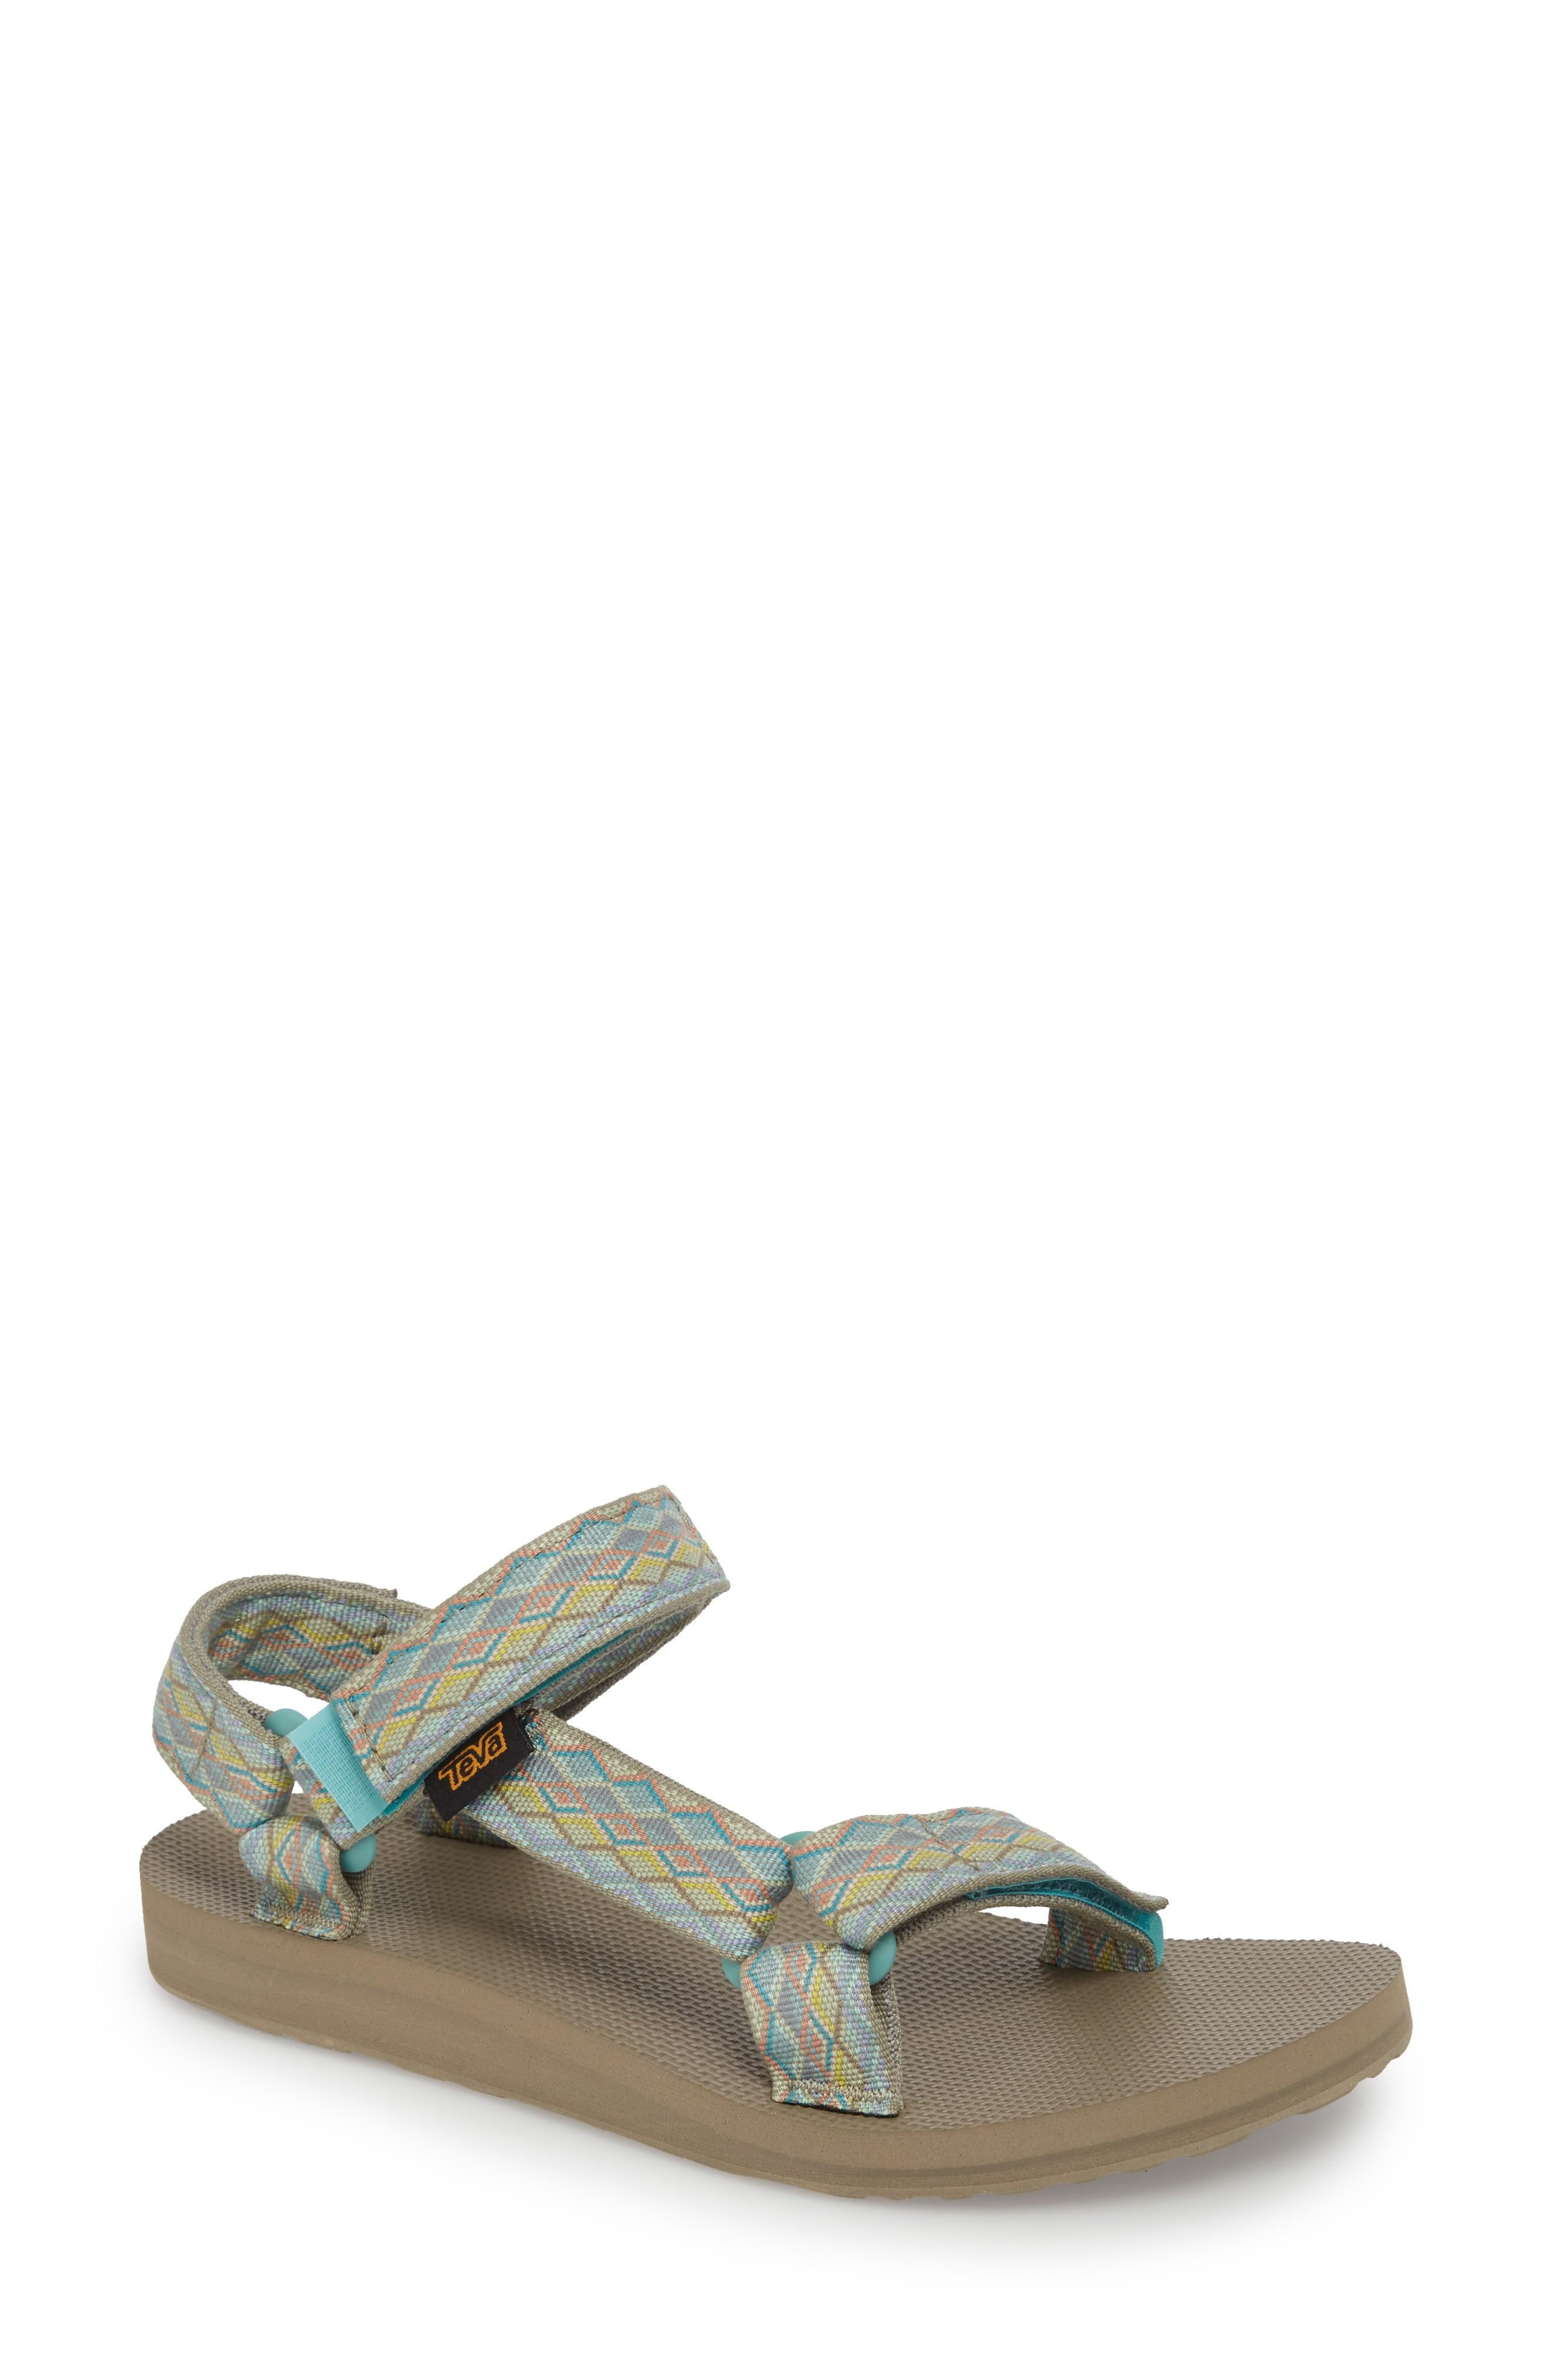 3e3e8d57e686 Teva  Original Universal  Sandal In Mirimar Fade Sage Multi